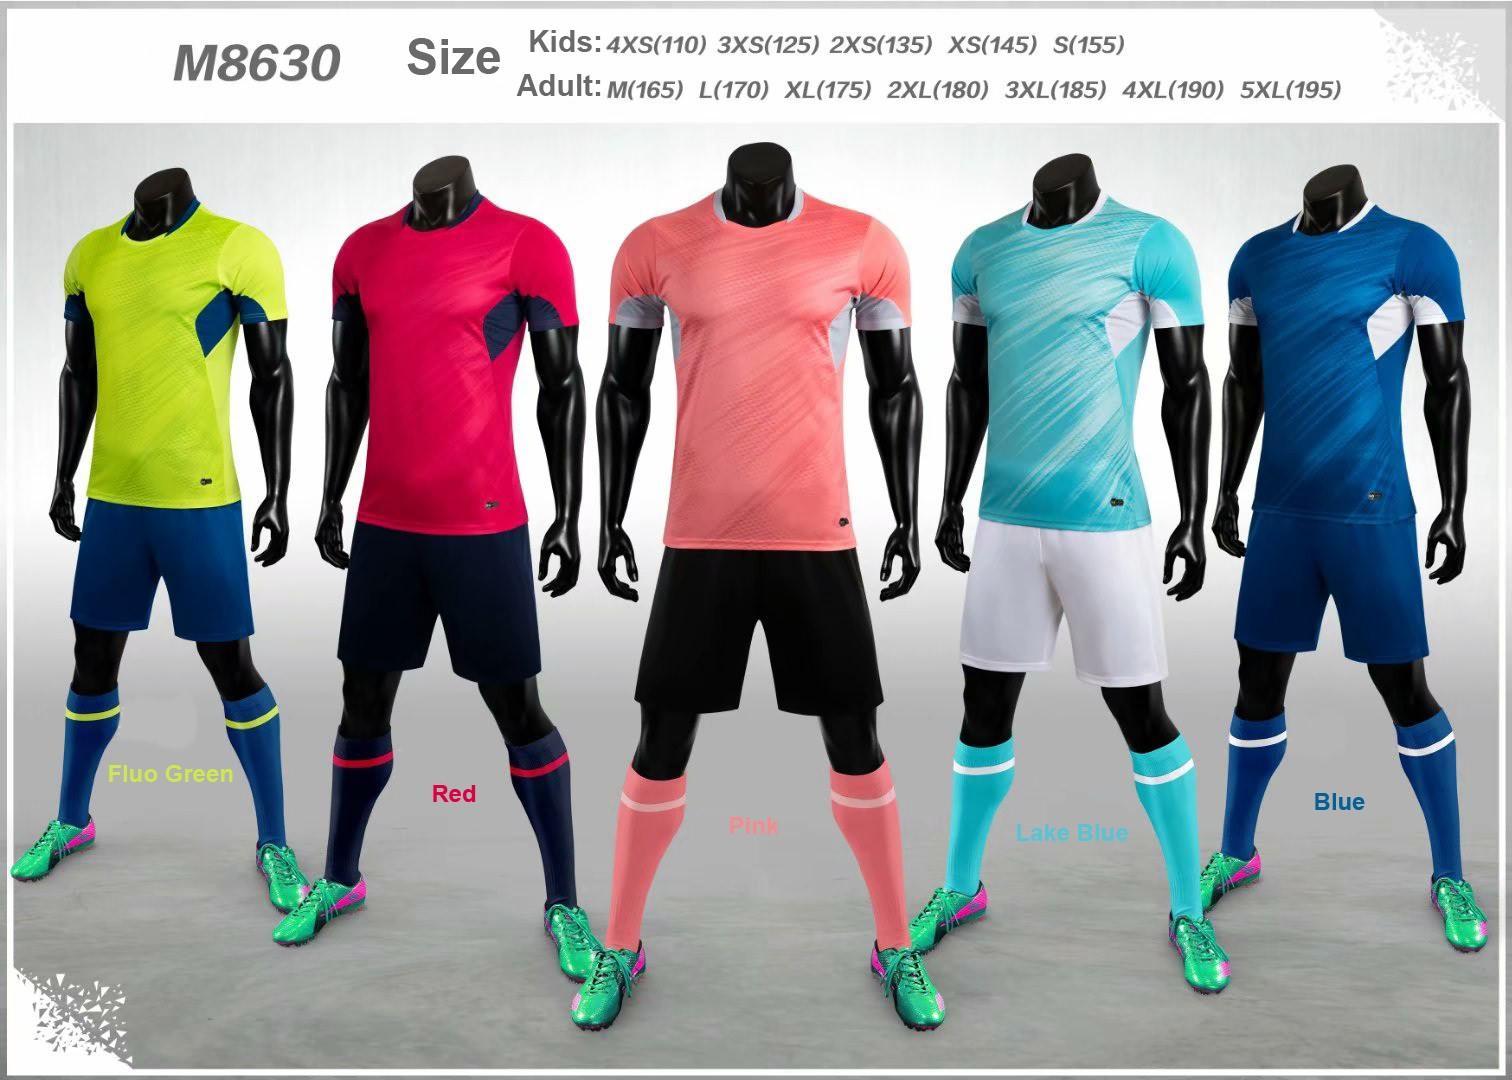 2020-2021 özelleştirme Takım Seti Yetişkin Çocuk Futbol Jersey Seti Futbol Takımı Erkekler Çocuk 4XS-5XL Blank Eğitim Üniformalar M8630